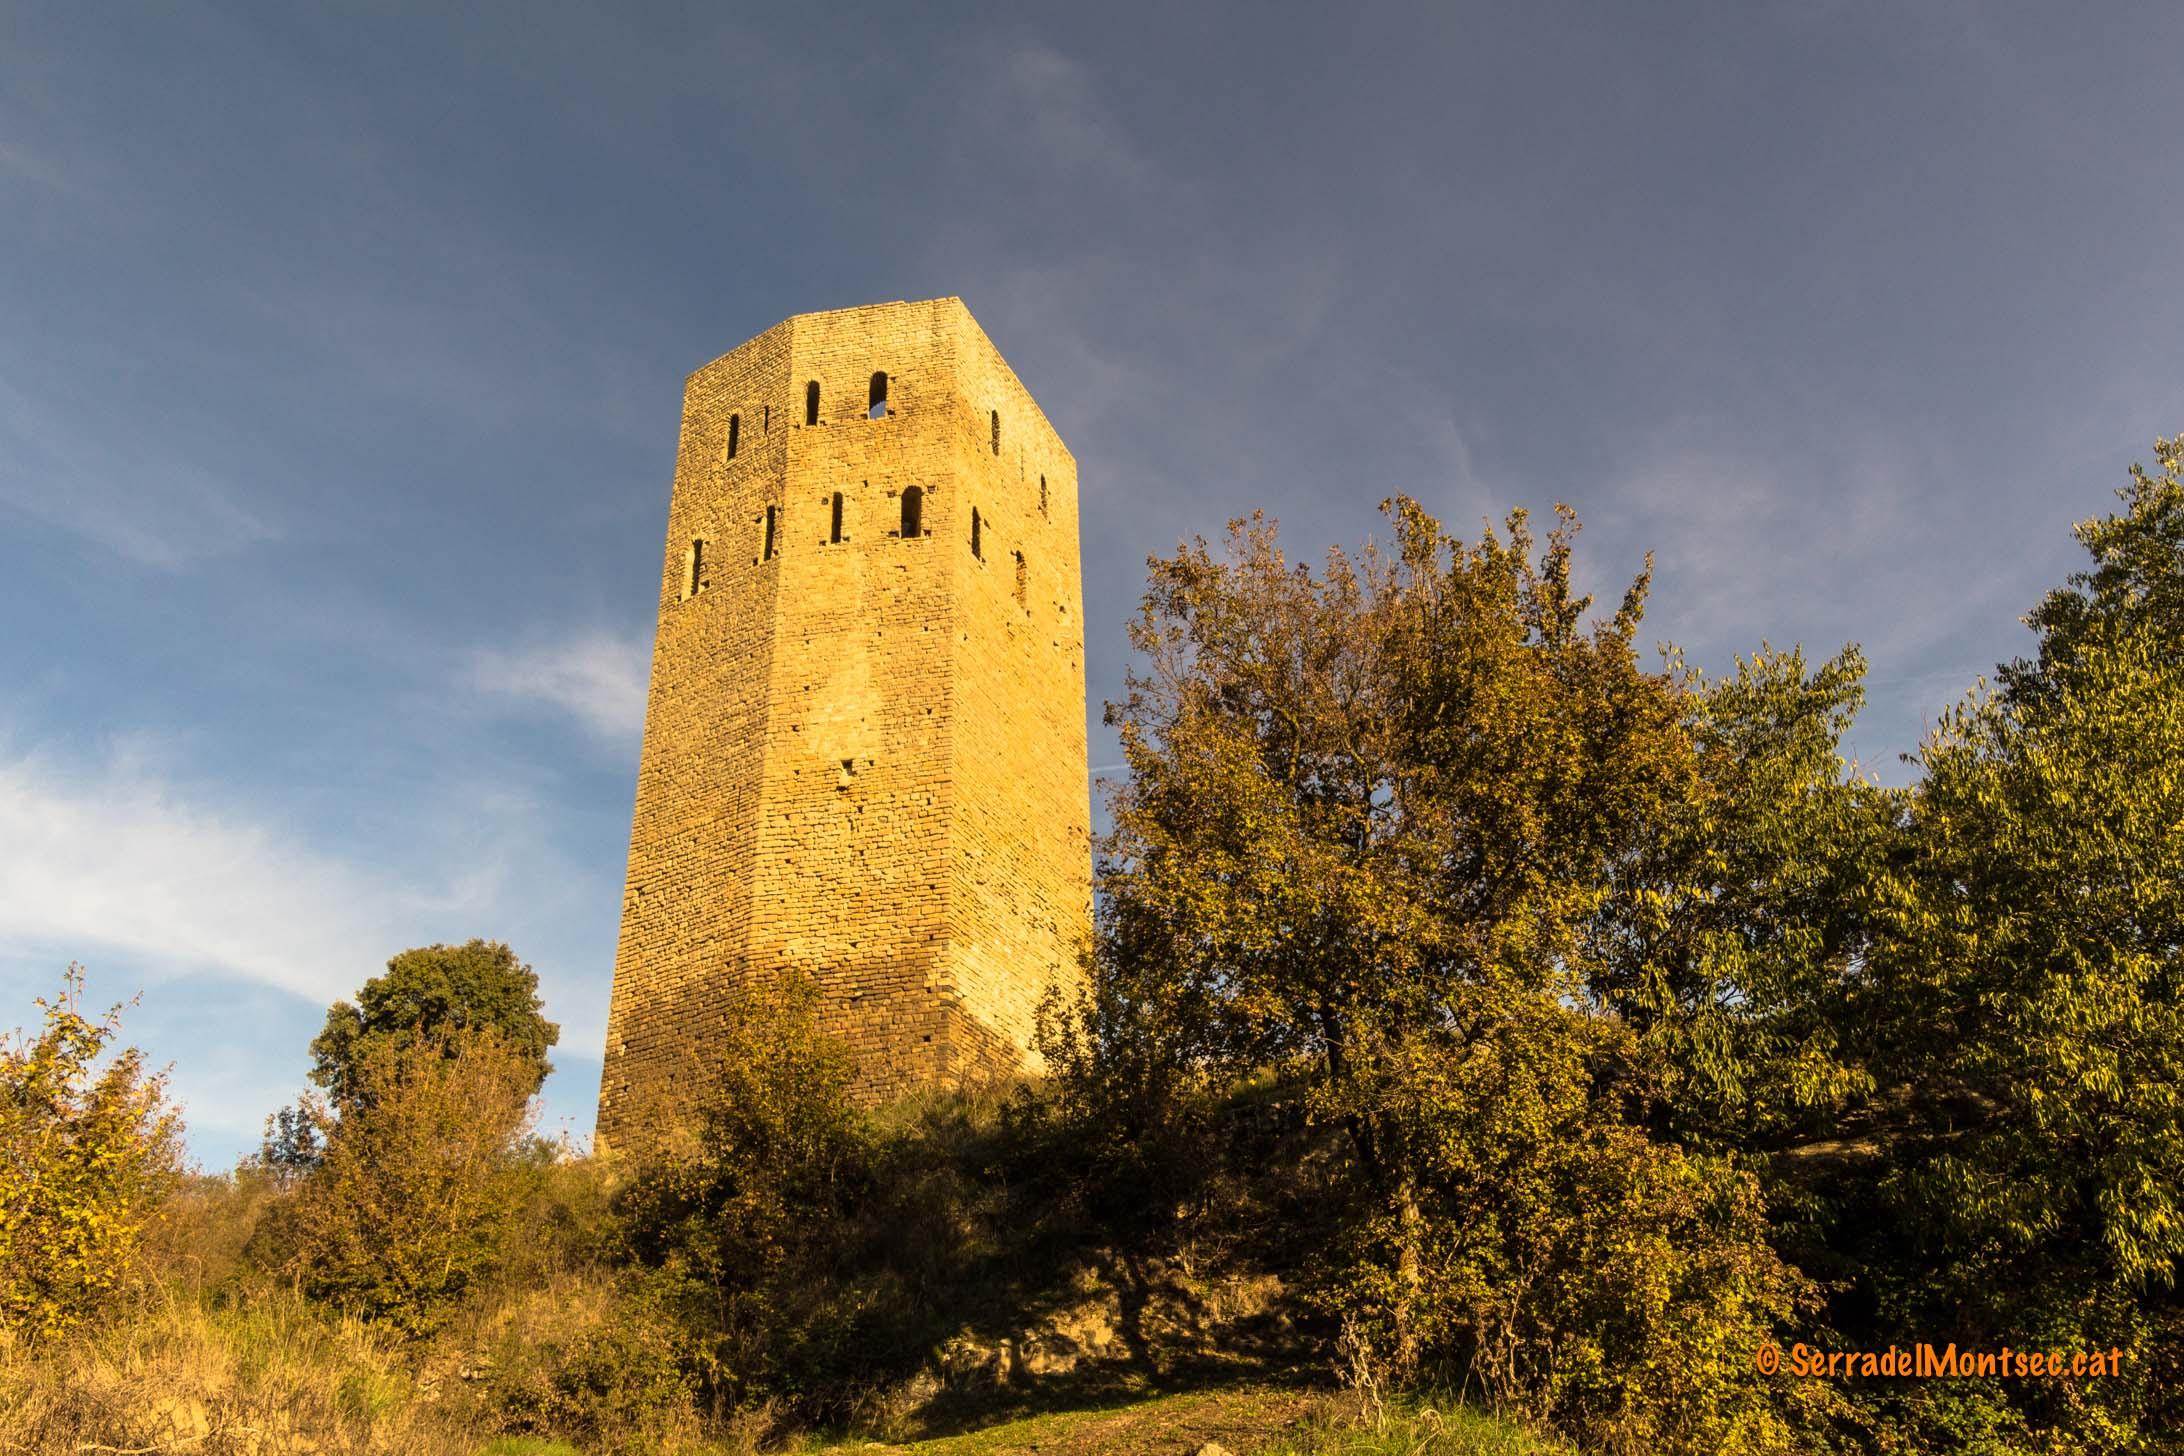 Torre del castell de Lluçars. Tolba, Ribagorça. Osca, Aragó. Montsec d'Estall.